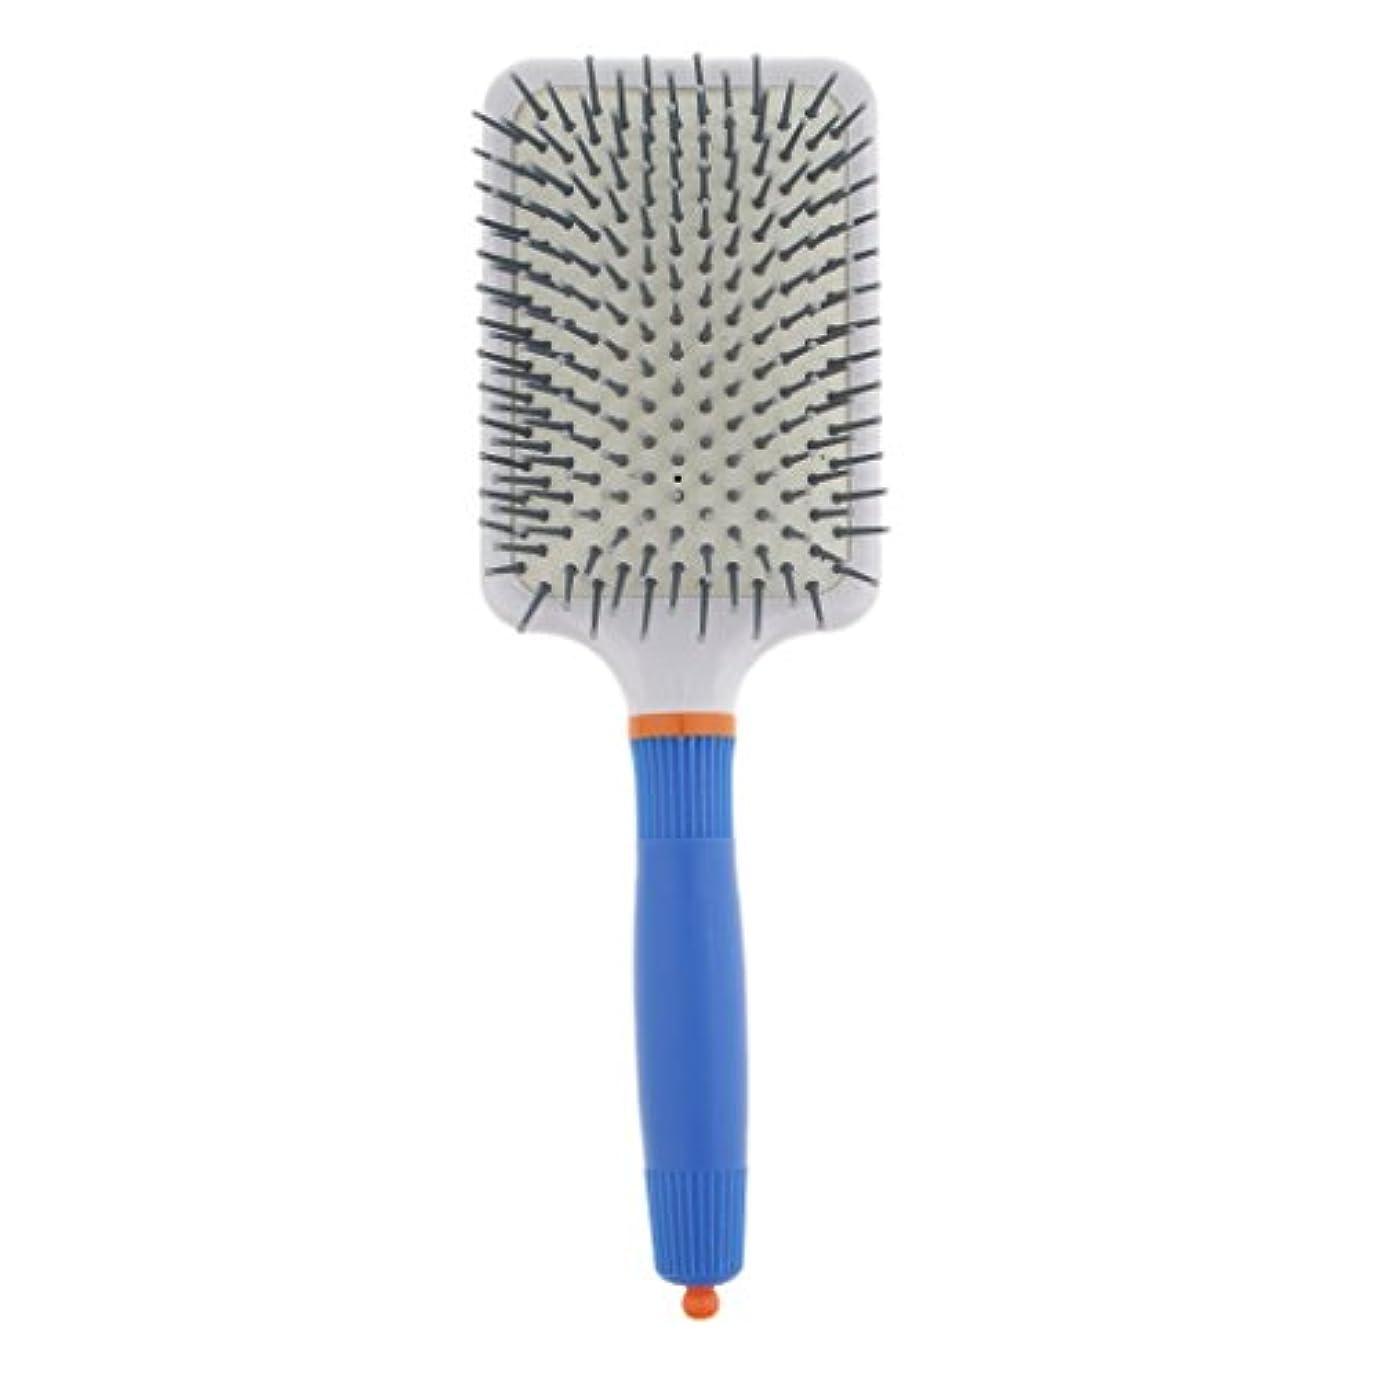 愛撫九時四十五分過度にプラスチック製 ブラシ 頭皮マッサージブラシ フラットヘアブラシ 櫛 静電気防止 全2色 - ダークブルー